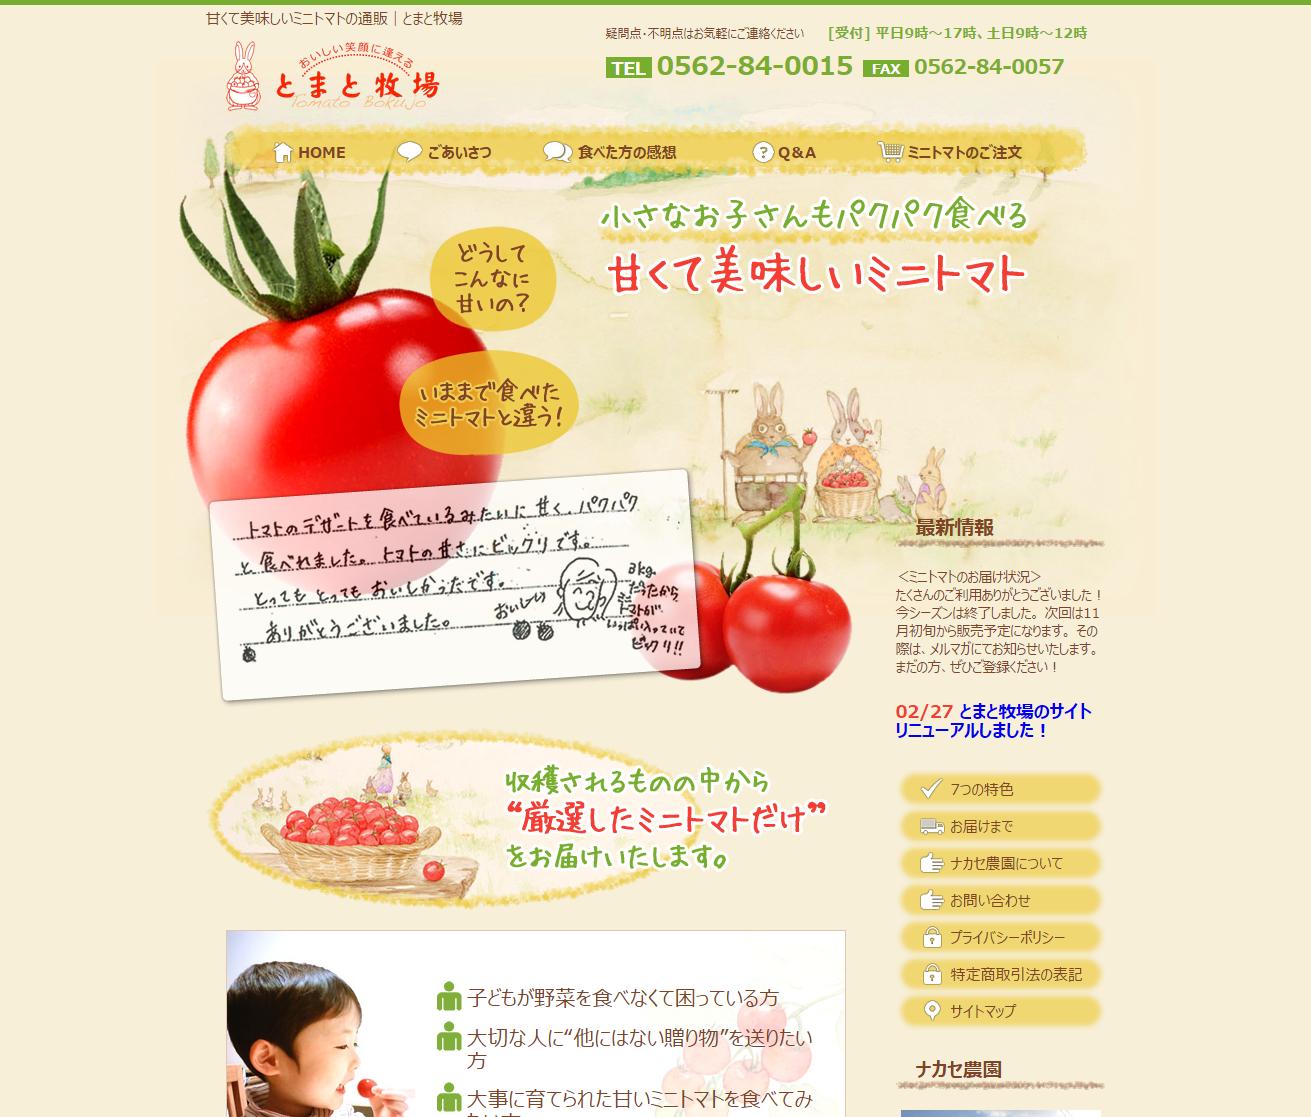 ミニトマト通販ランディングページ